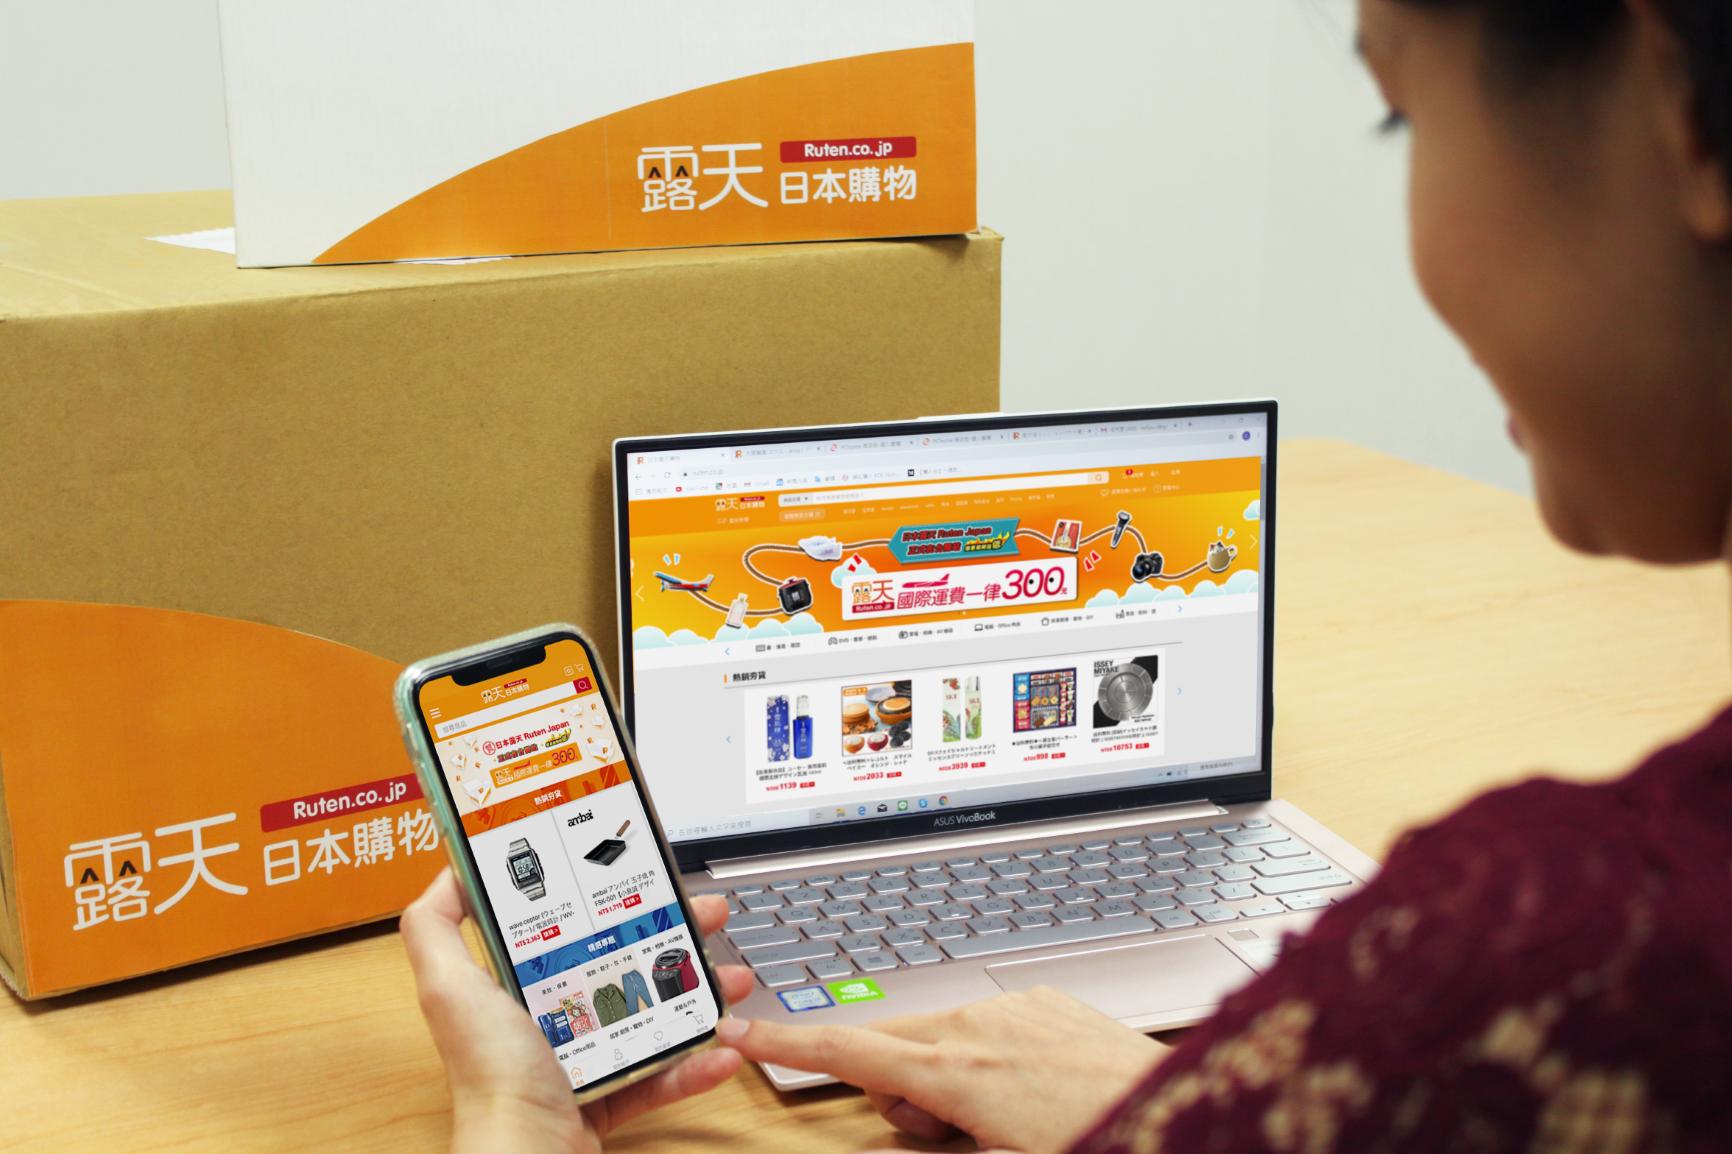 照片中提到了天日本購物、Ruten.co.jp、DORNER CT,跟平安銀行有關,包含了小工具、Ruten Global Inc.、小工具、網上購物、博世